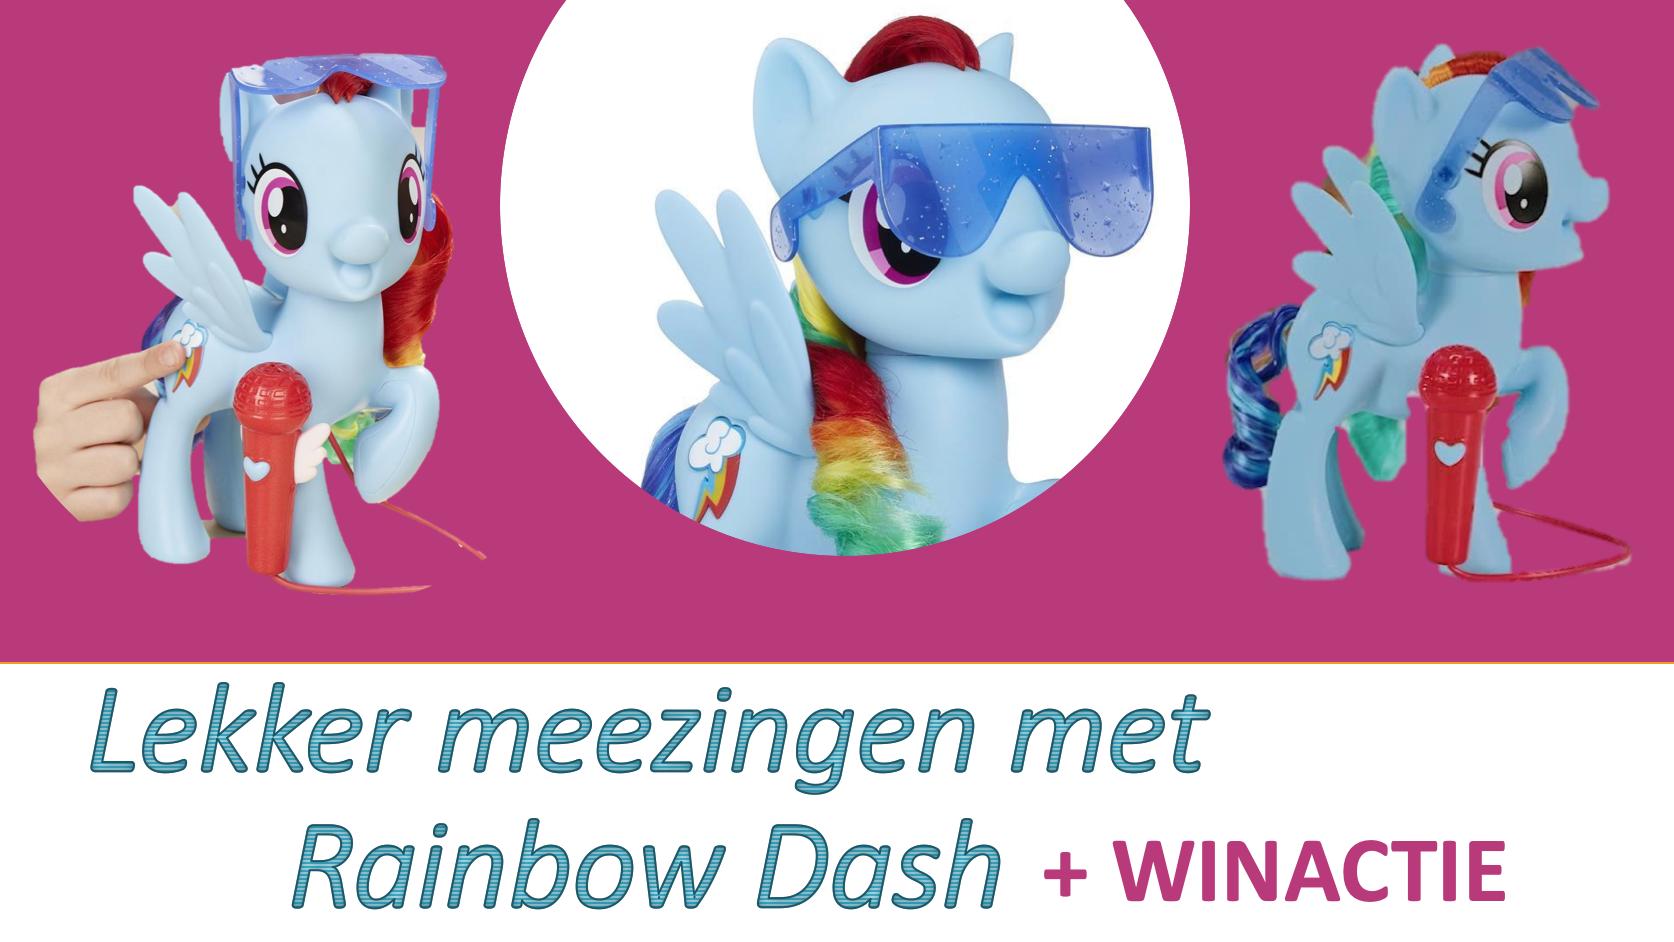 Lekker mee zingen met Rainbow Dash + winactie